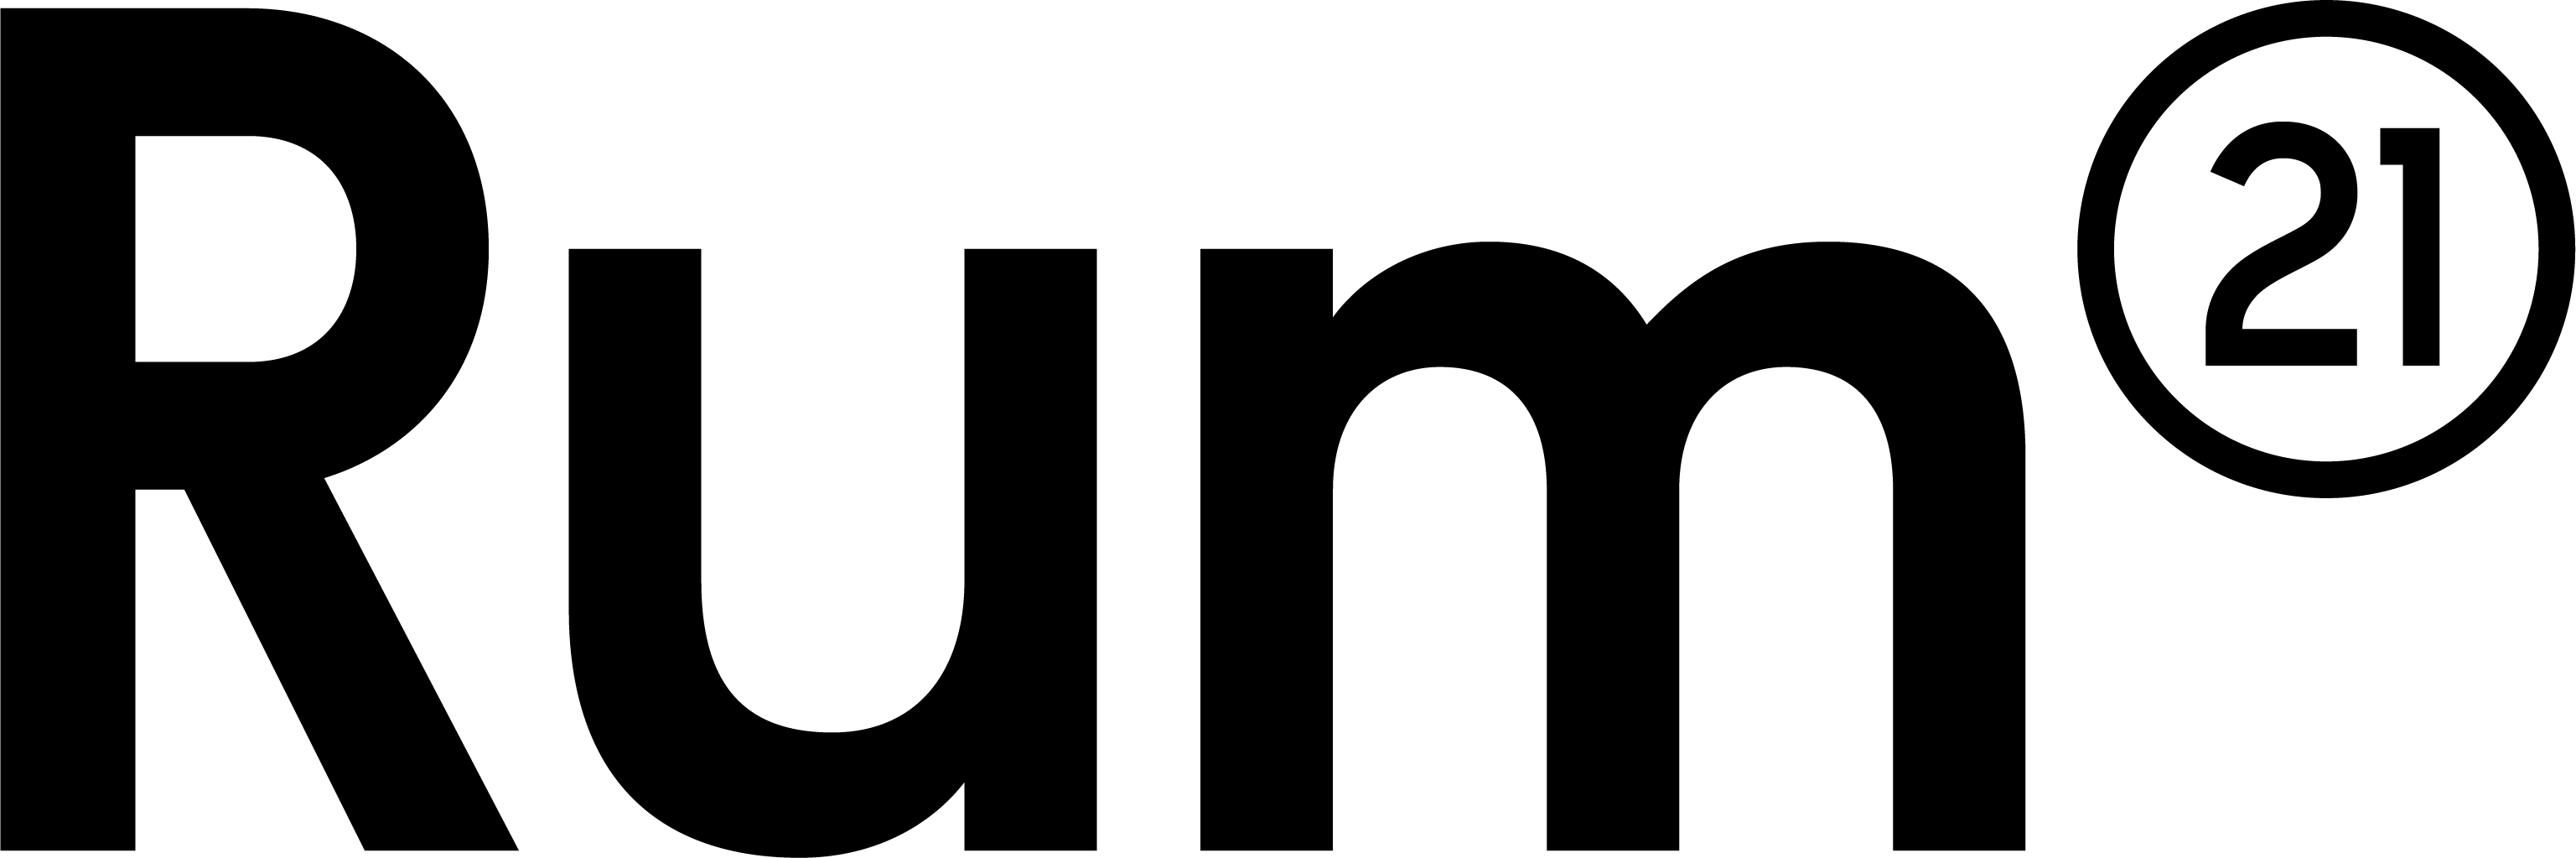 Rum21 logotype desktop